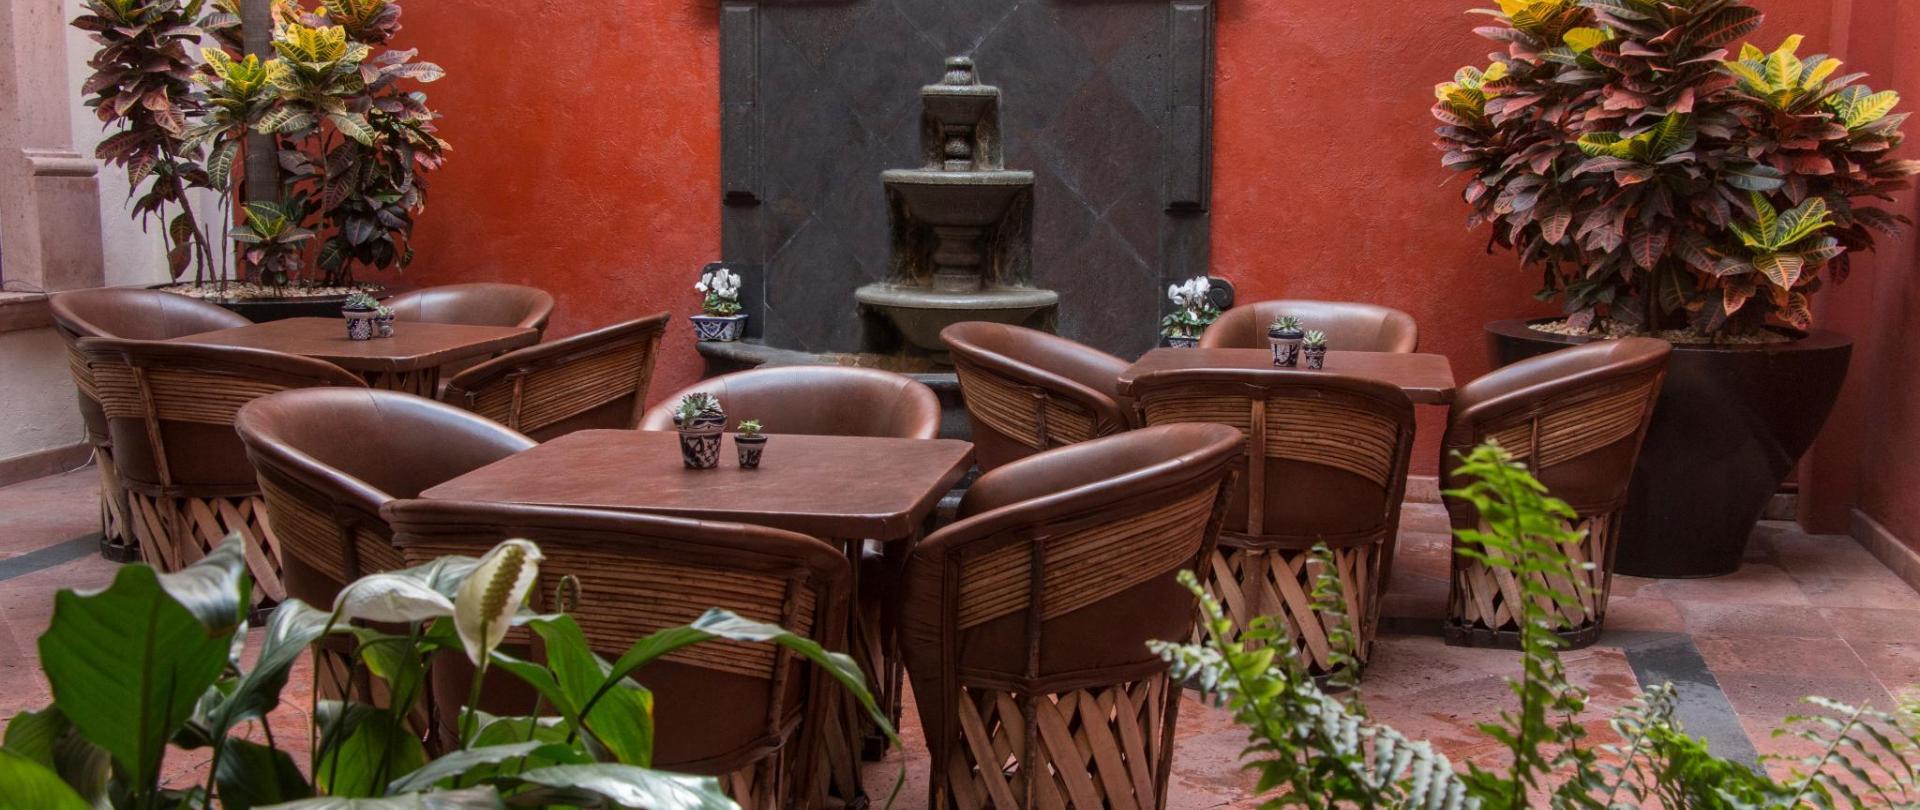 Hotel Rio queretaro areas comunes (4).jpg